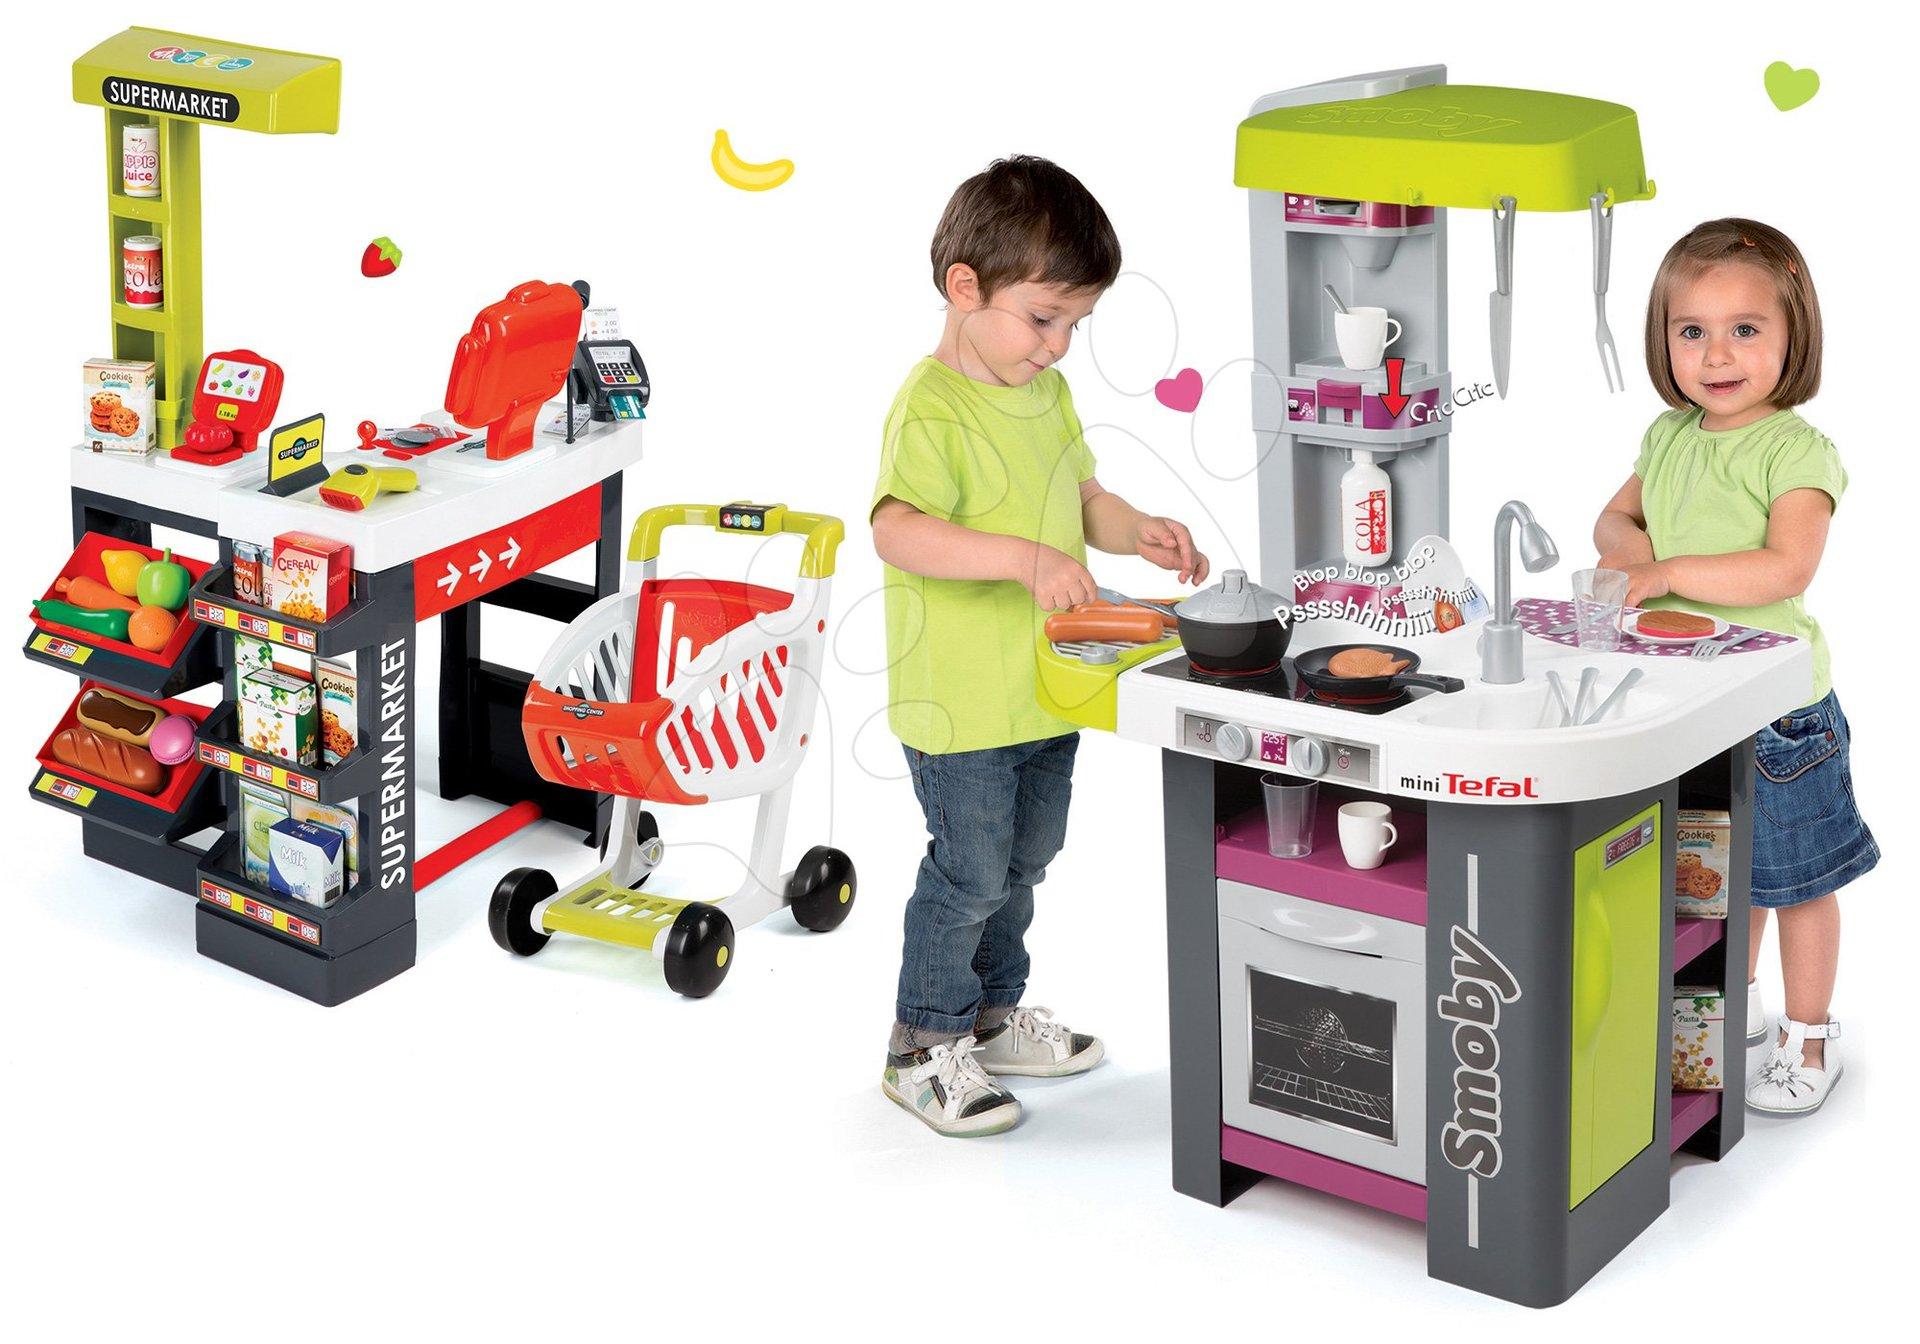 Kuchynky pre deti sety - Set kuchynka Tefal Studio Barbecue Smoby so zvukmi a grilom a obchod Supermarket s pokladňou